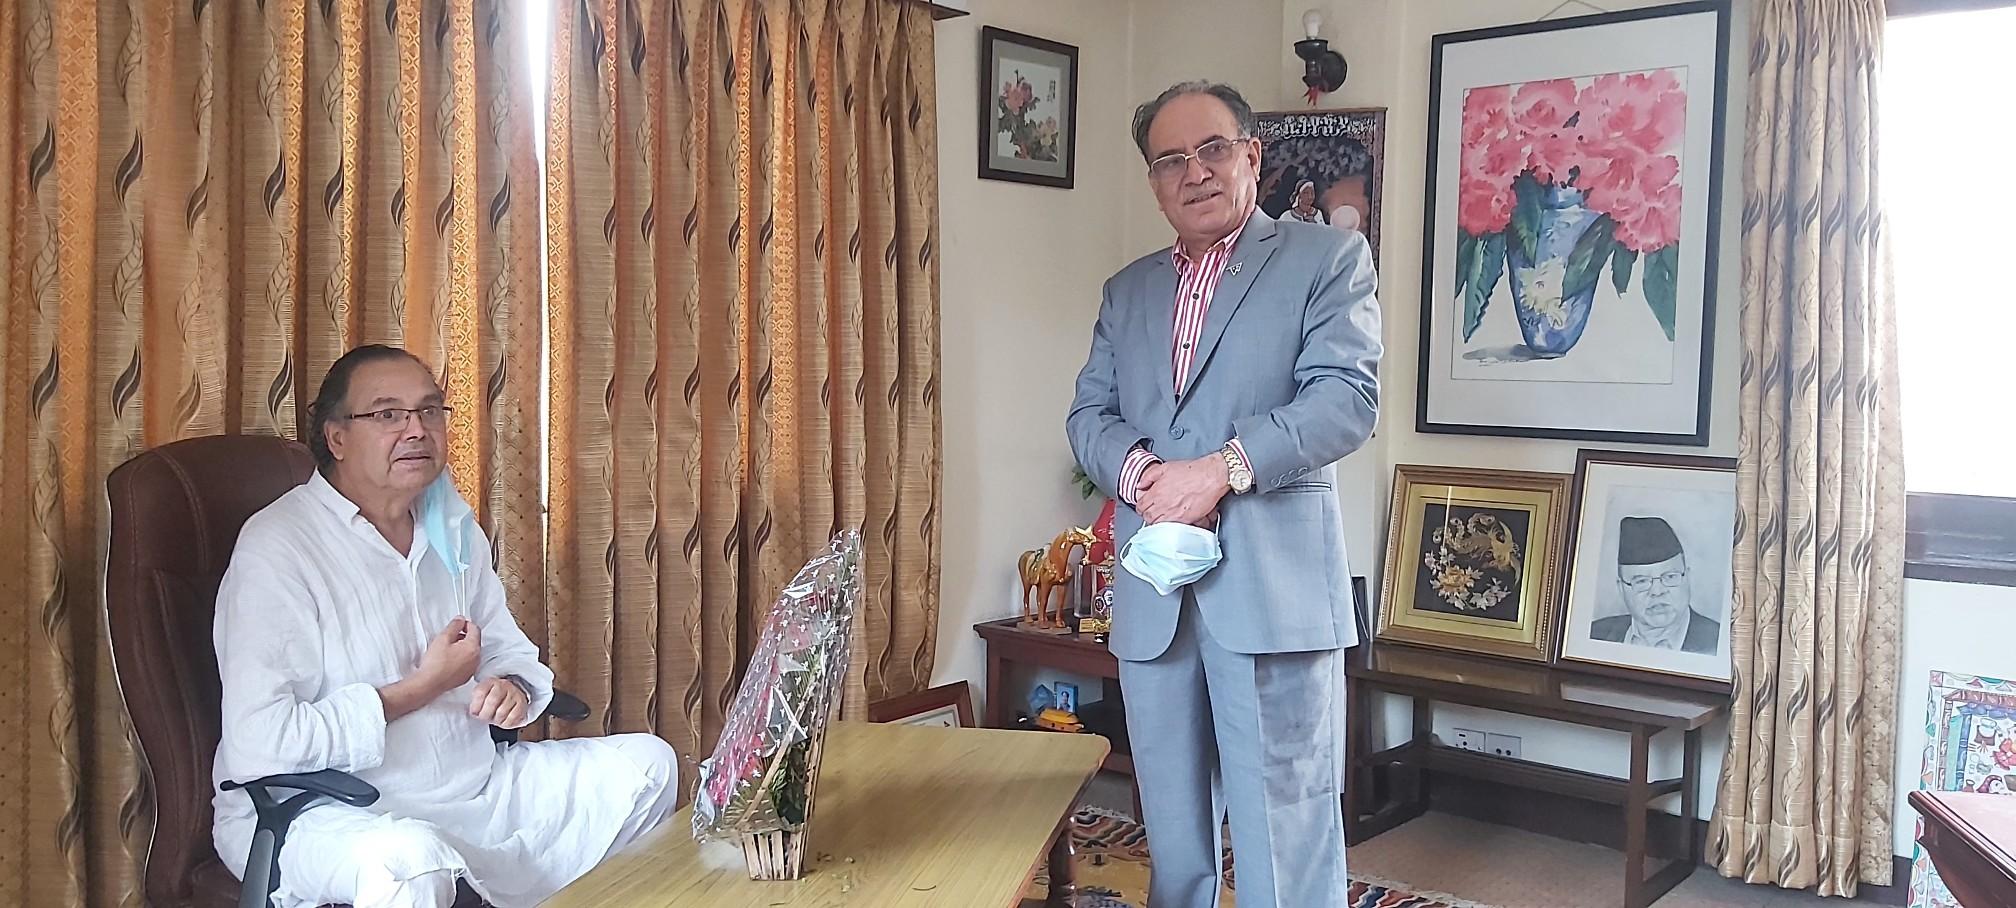 अध्यक्ष दाहालद्वारा पूर्वप्रधानमन्त्री खनालको स्वास्थ्यलाभको कामना (फोटोफिचर)